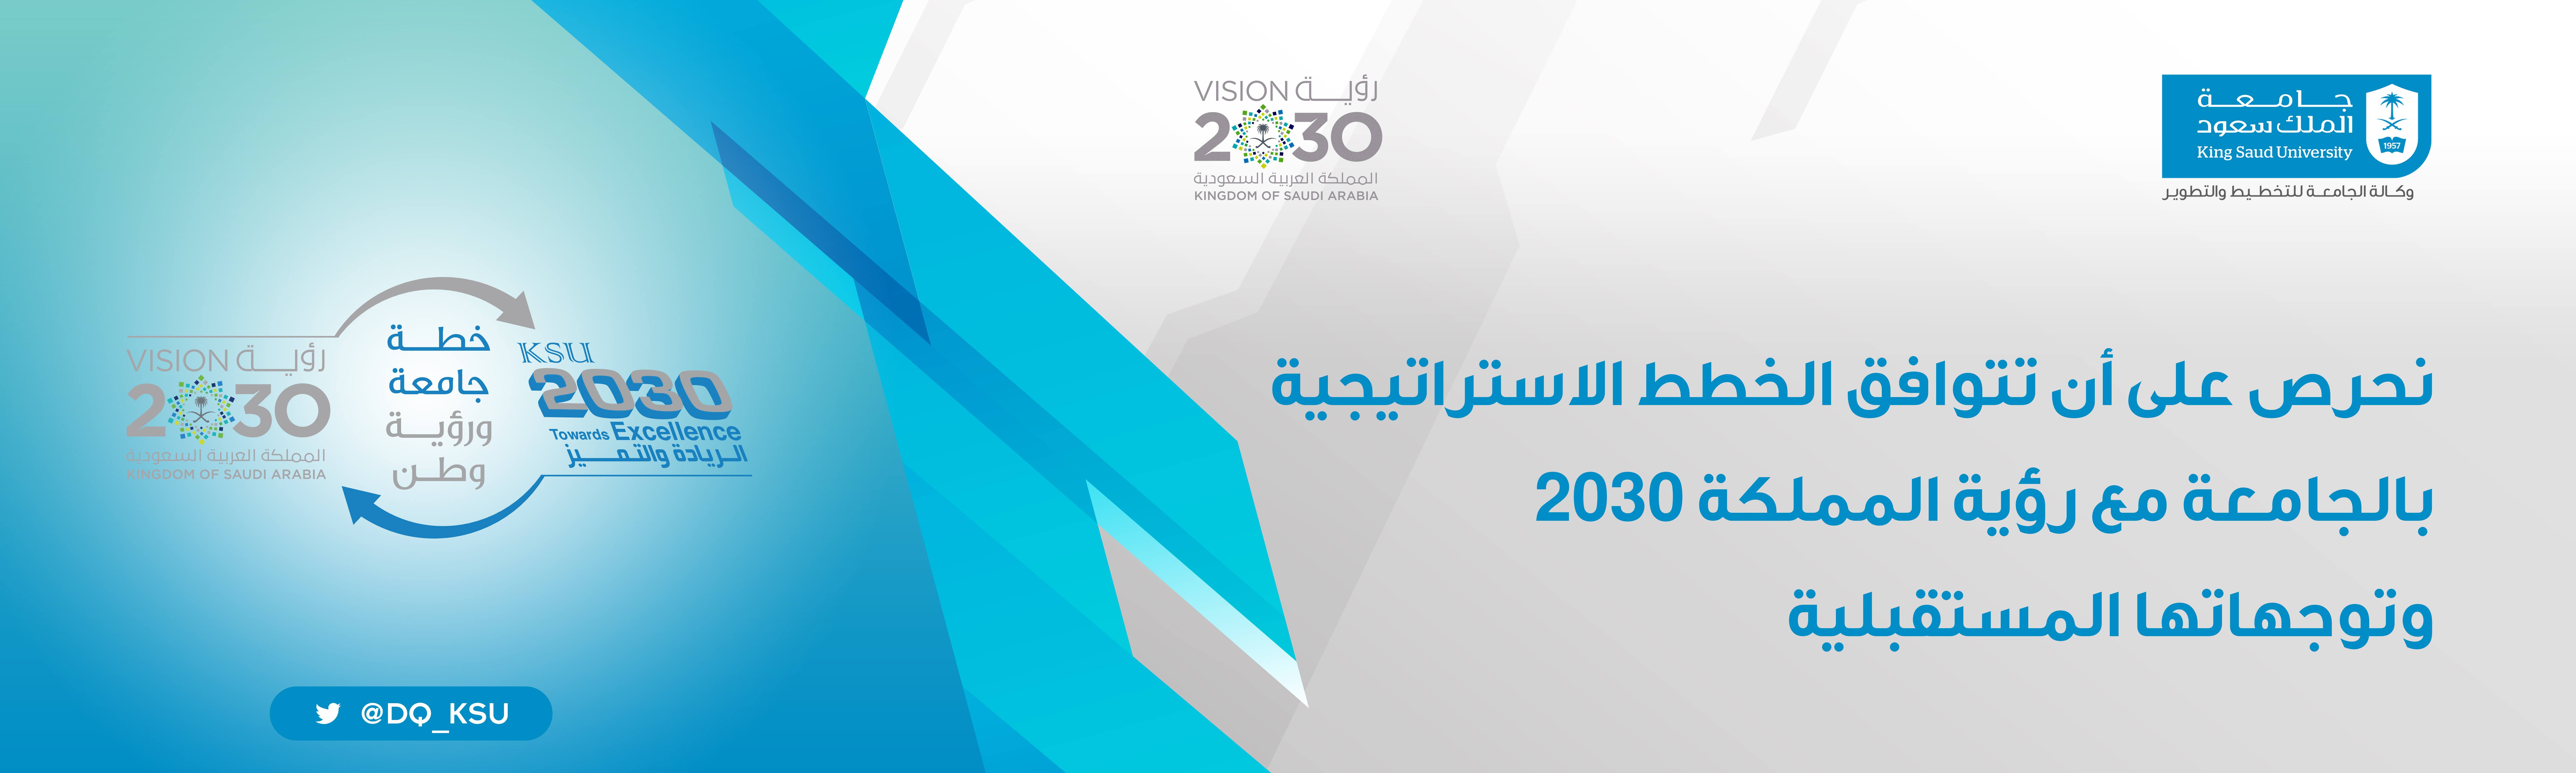 الخطة الاستراتيجية - الخطة الاستراتيجية 2030